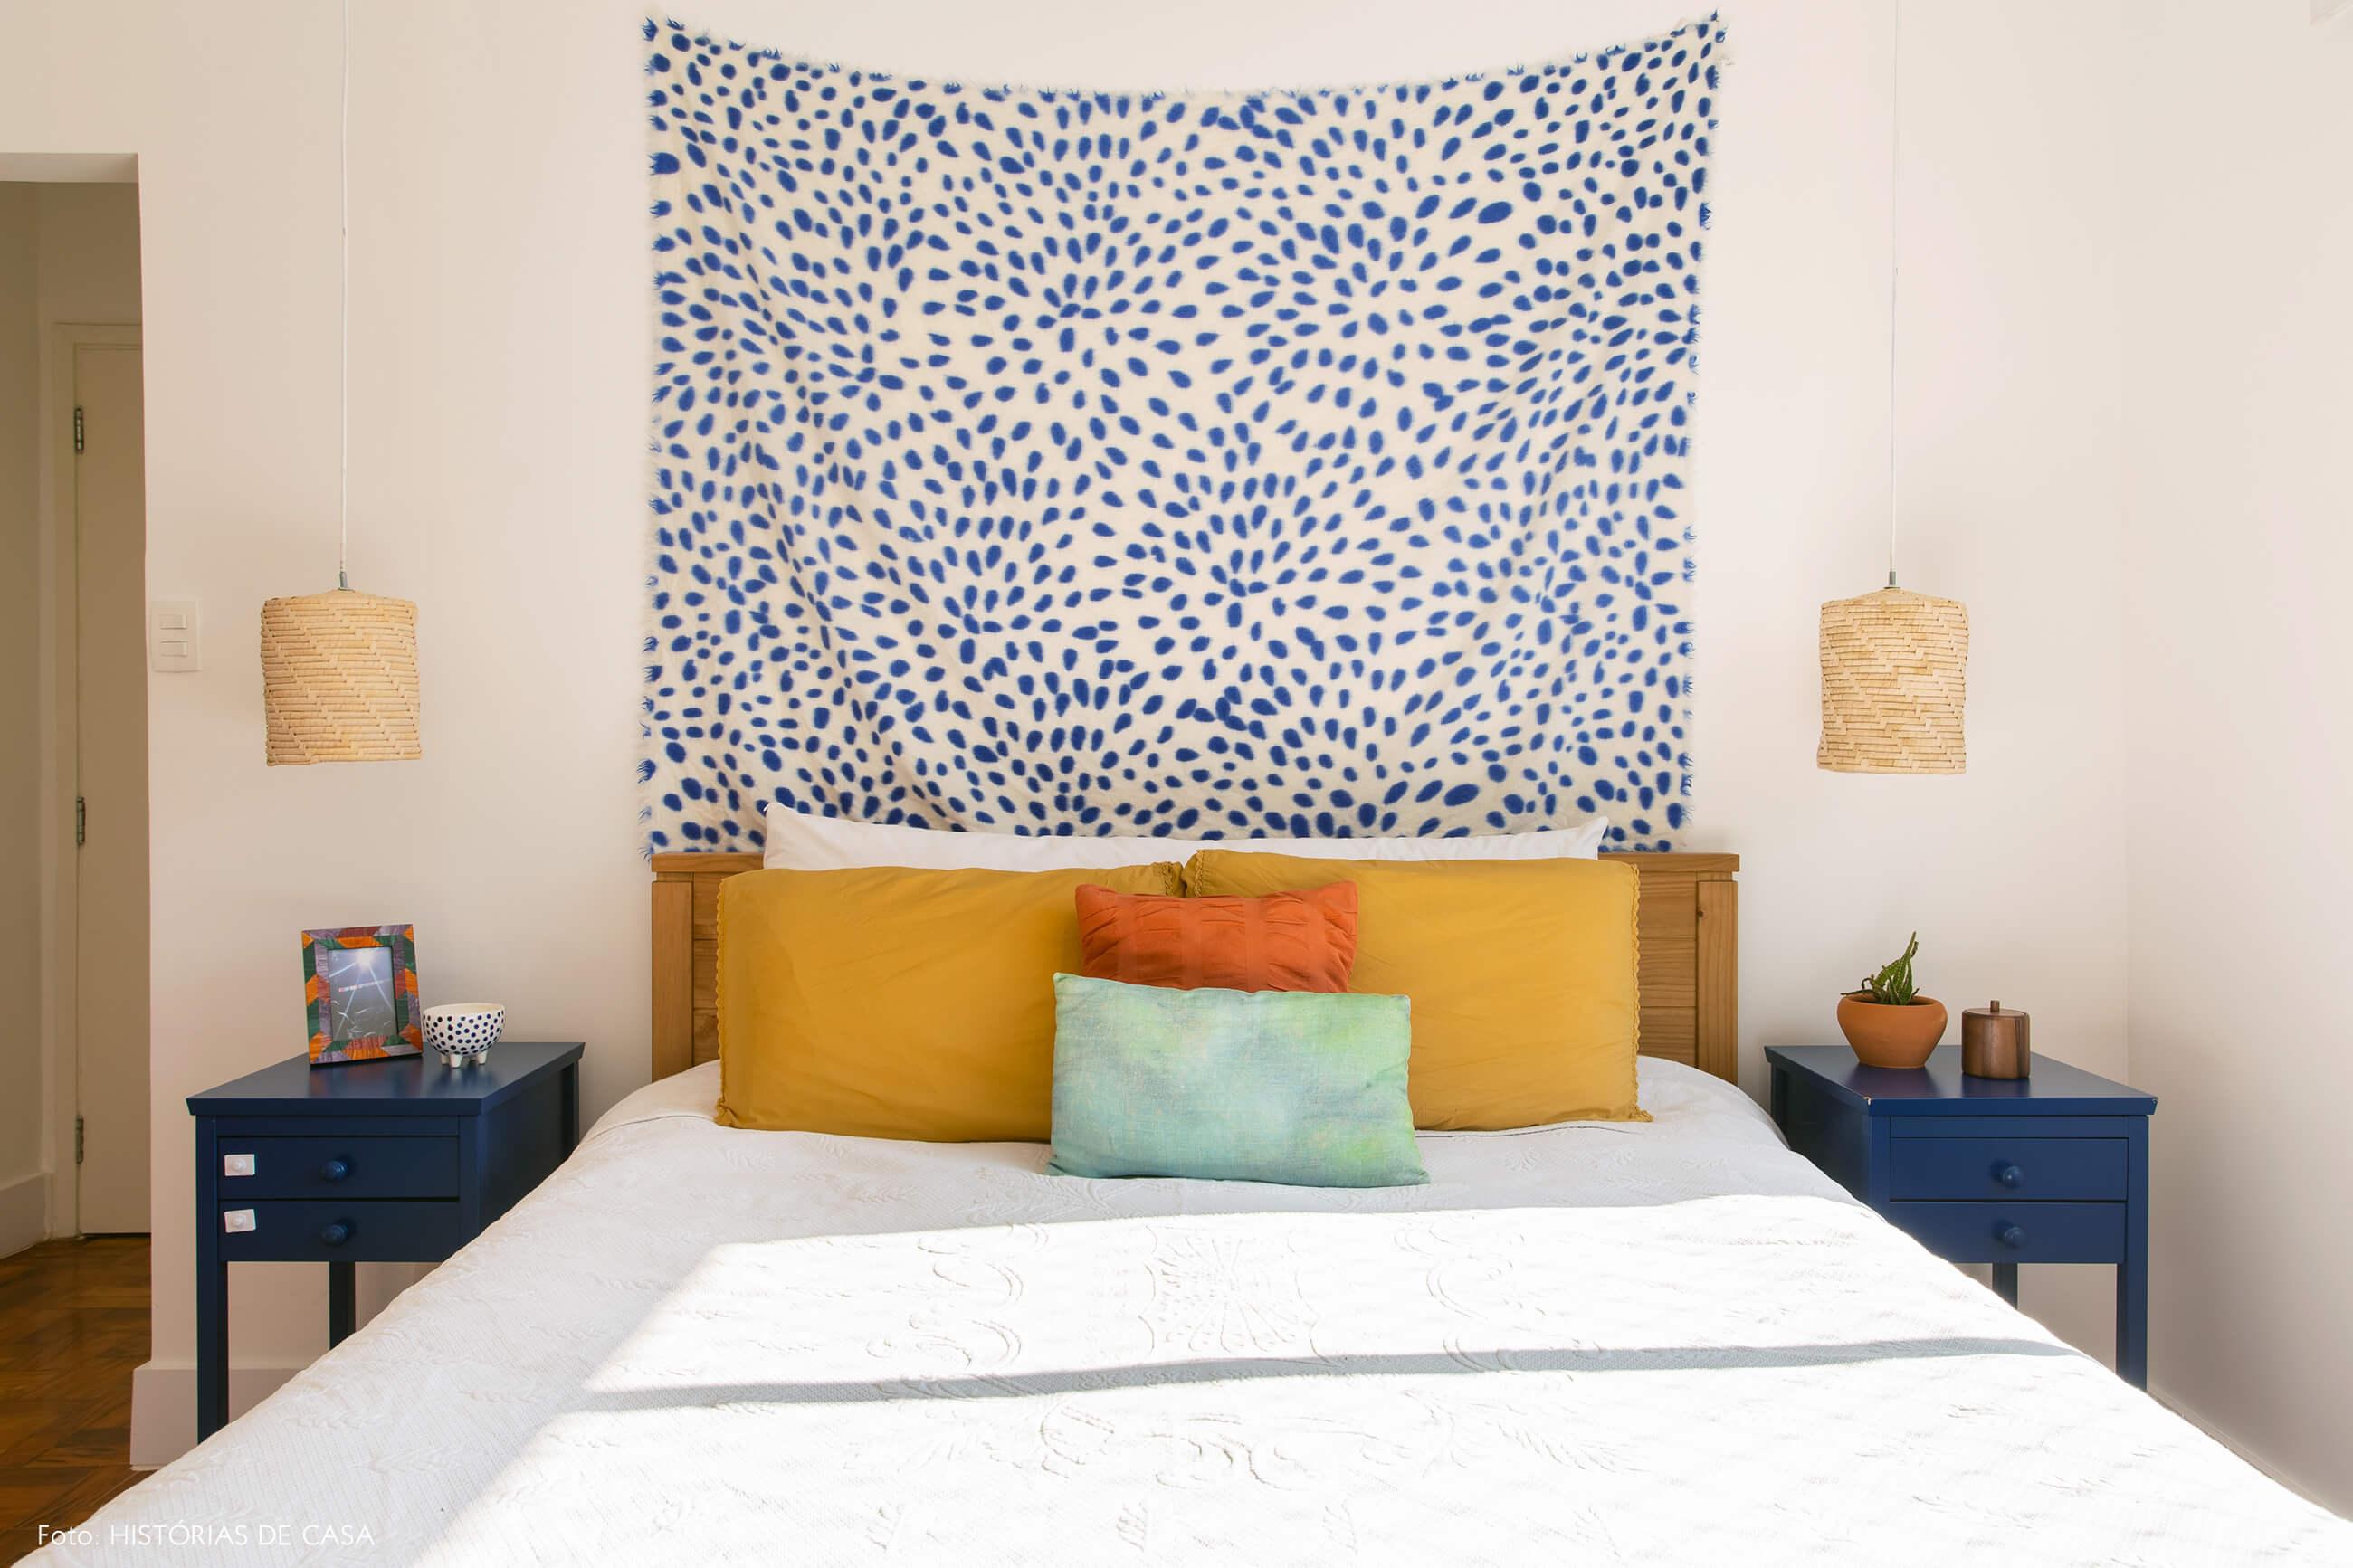 Apartamento da chef Renata Vanzetto, quarto com pano atrás da cama